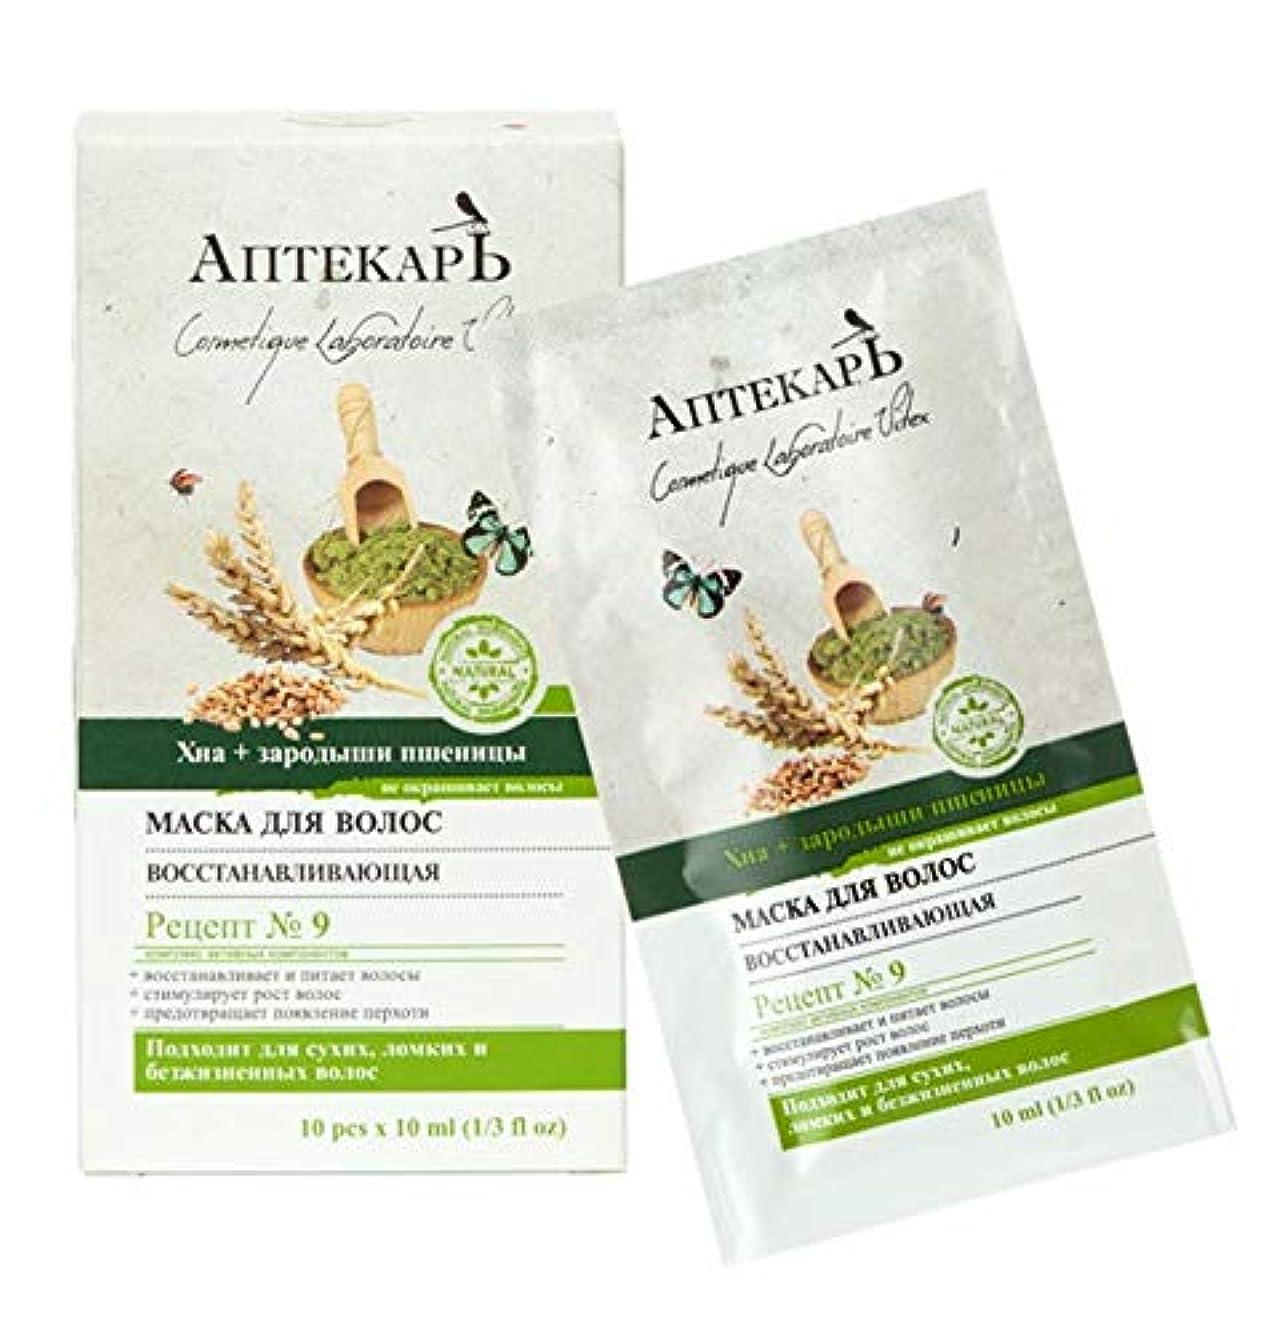 めったにベイビーしなやかなBielita & Vitex | Chemist Line | The mask for hair restoring Henna + wheat germ (1 sachet) | Recipe number 9 | 10 pcs * 10 ml |